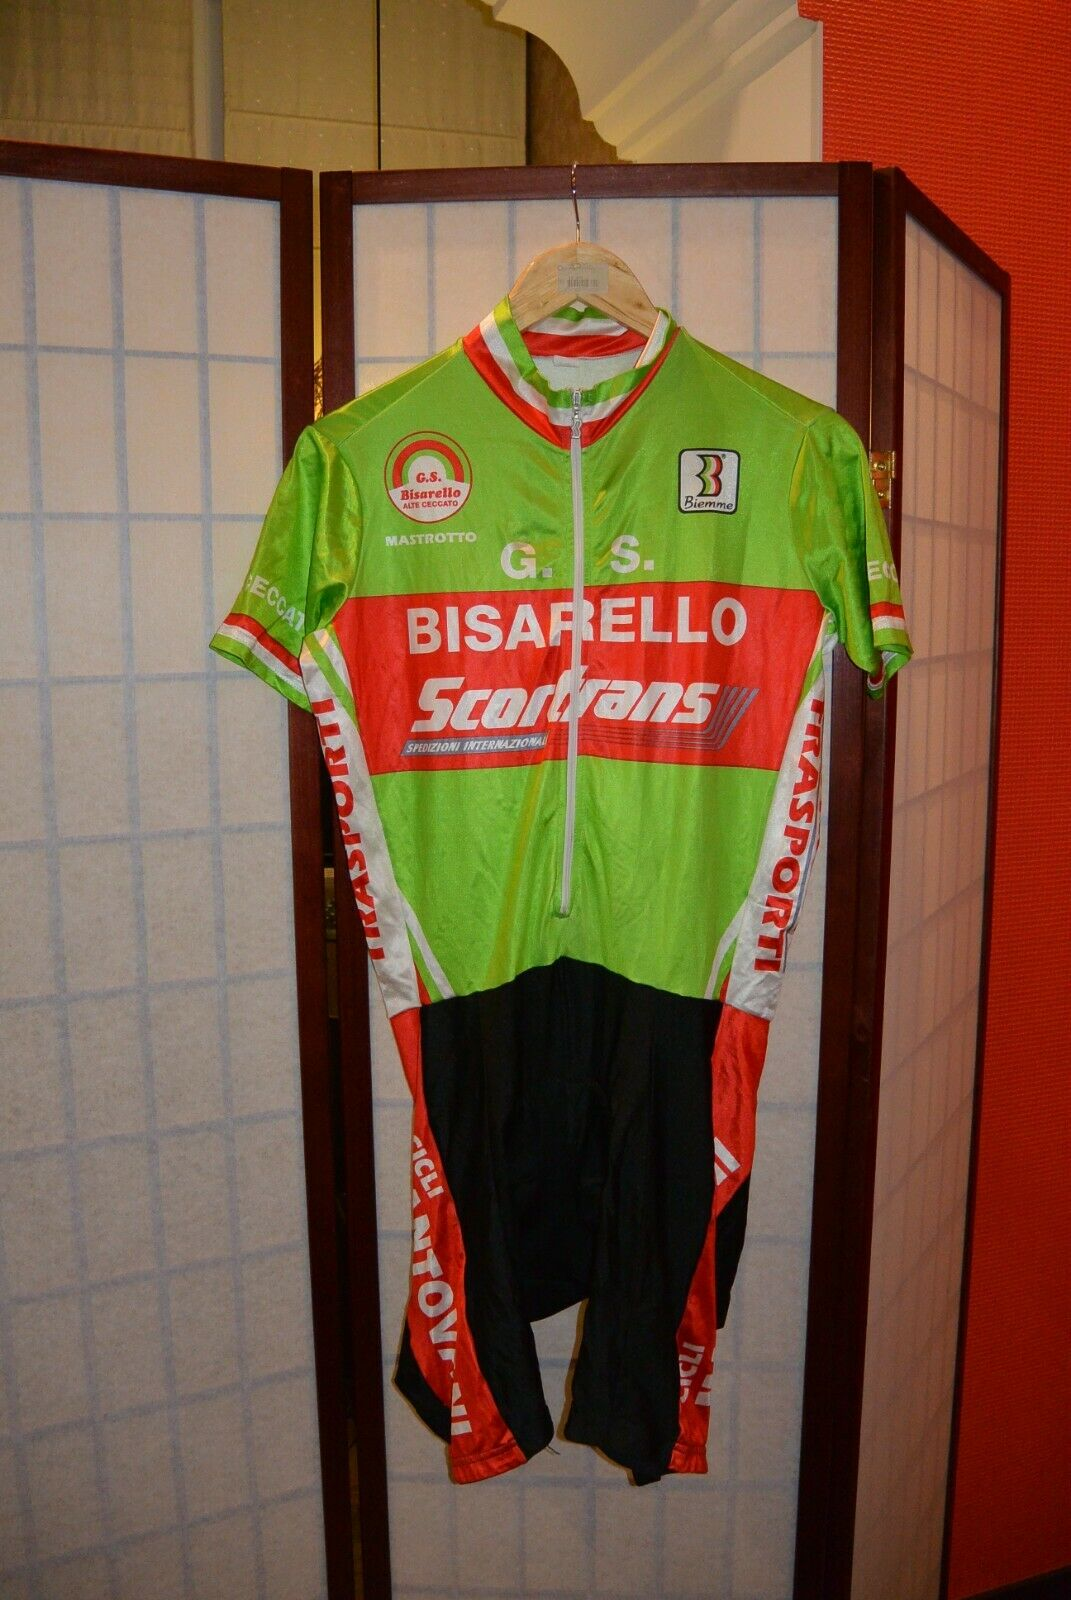 Bisarello G.S Scortrans Biemme cycling skinsuit speedsuit L